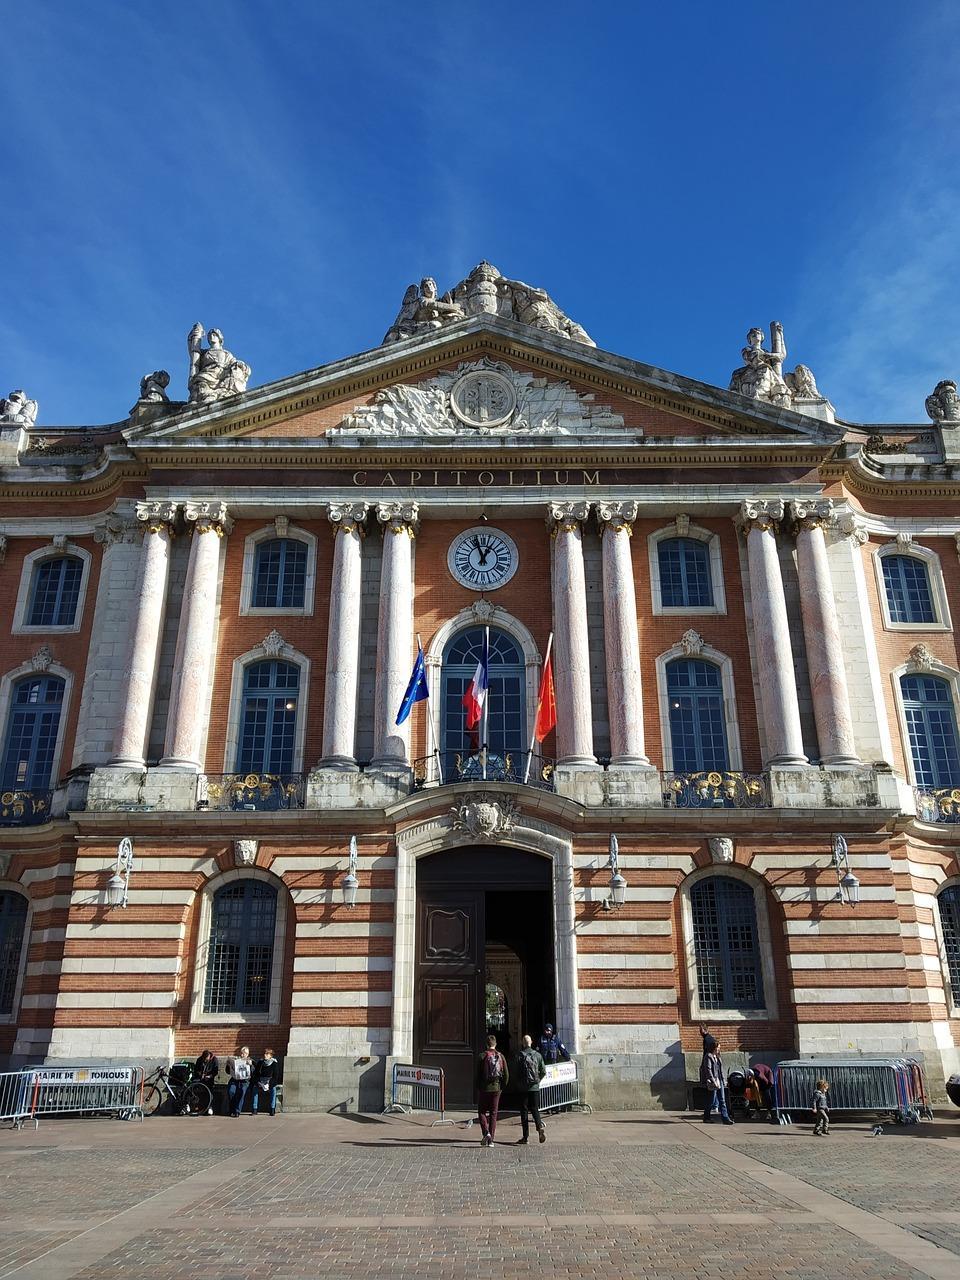 Coronavirus, les parcs et le Capitole fermés à Toulouse